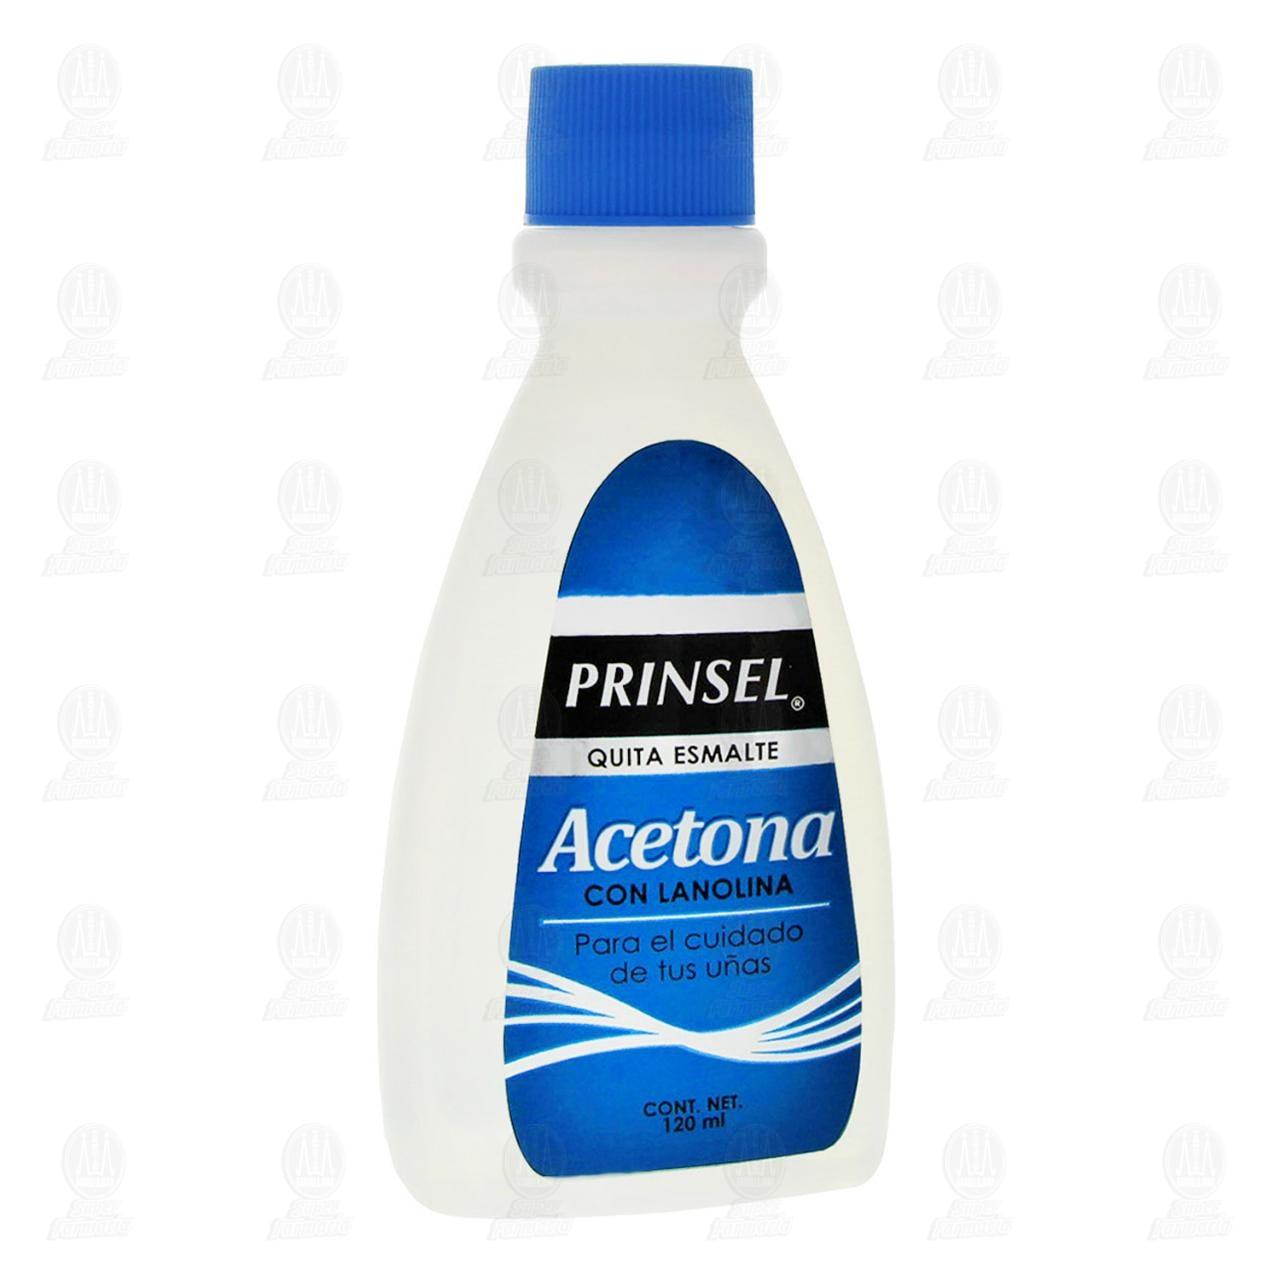 Acetona Prinsel Quita Esmalte con Lanolina, 120 ml.